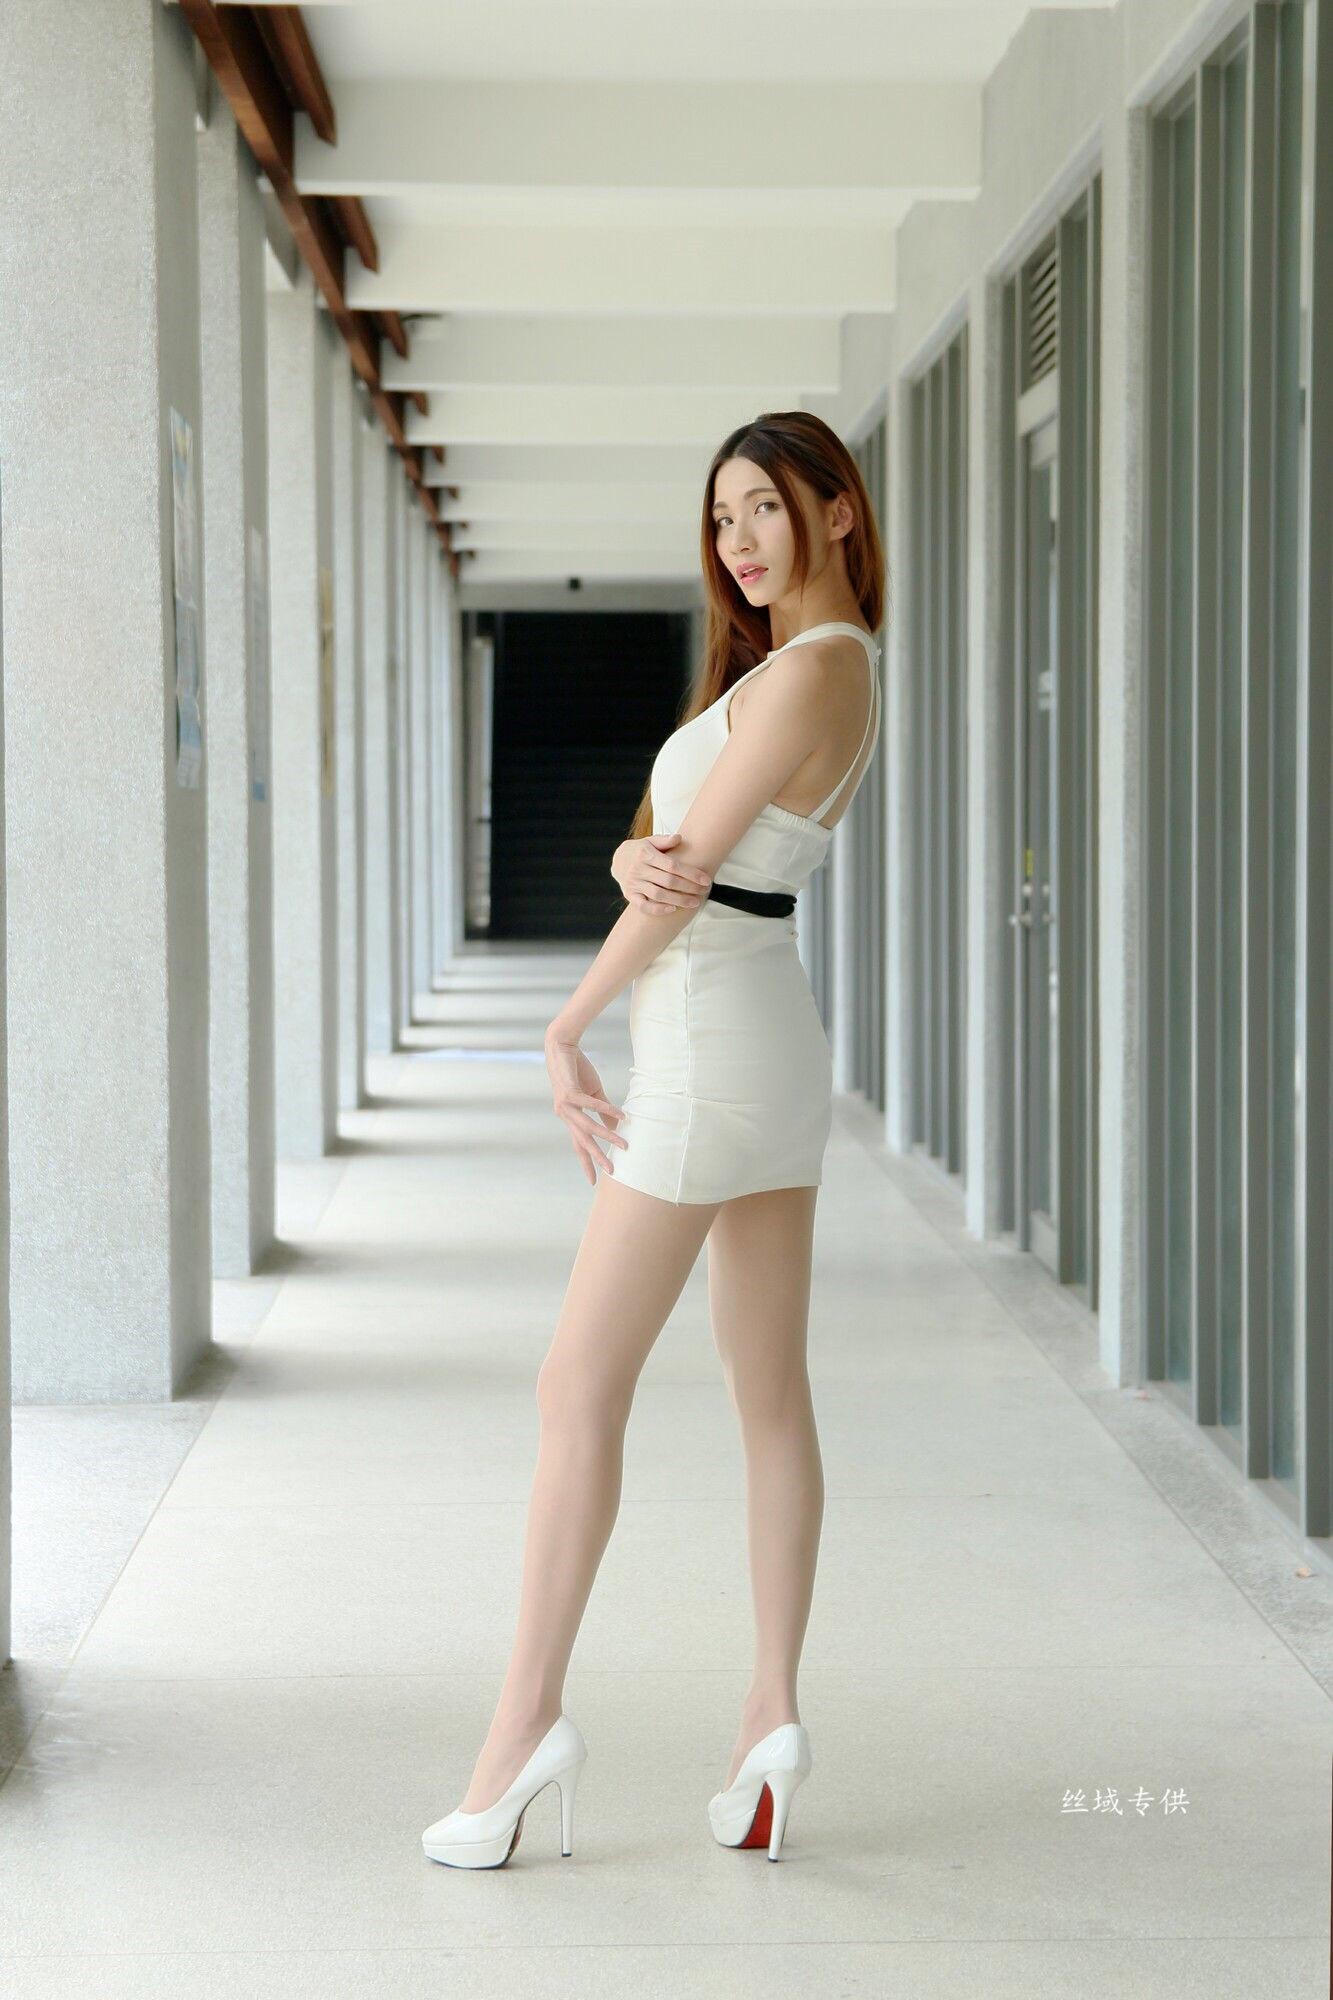 ヒール足がセクシーなCandice 2